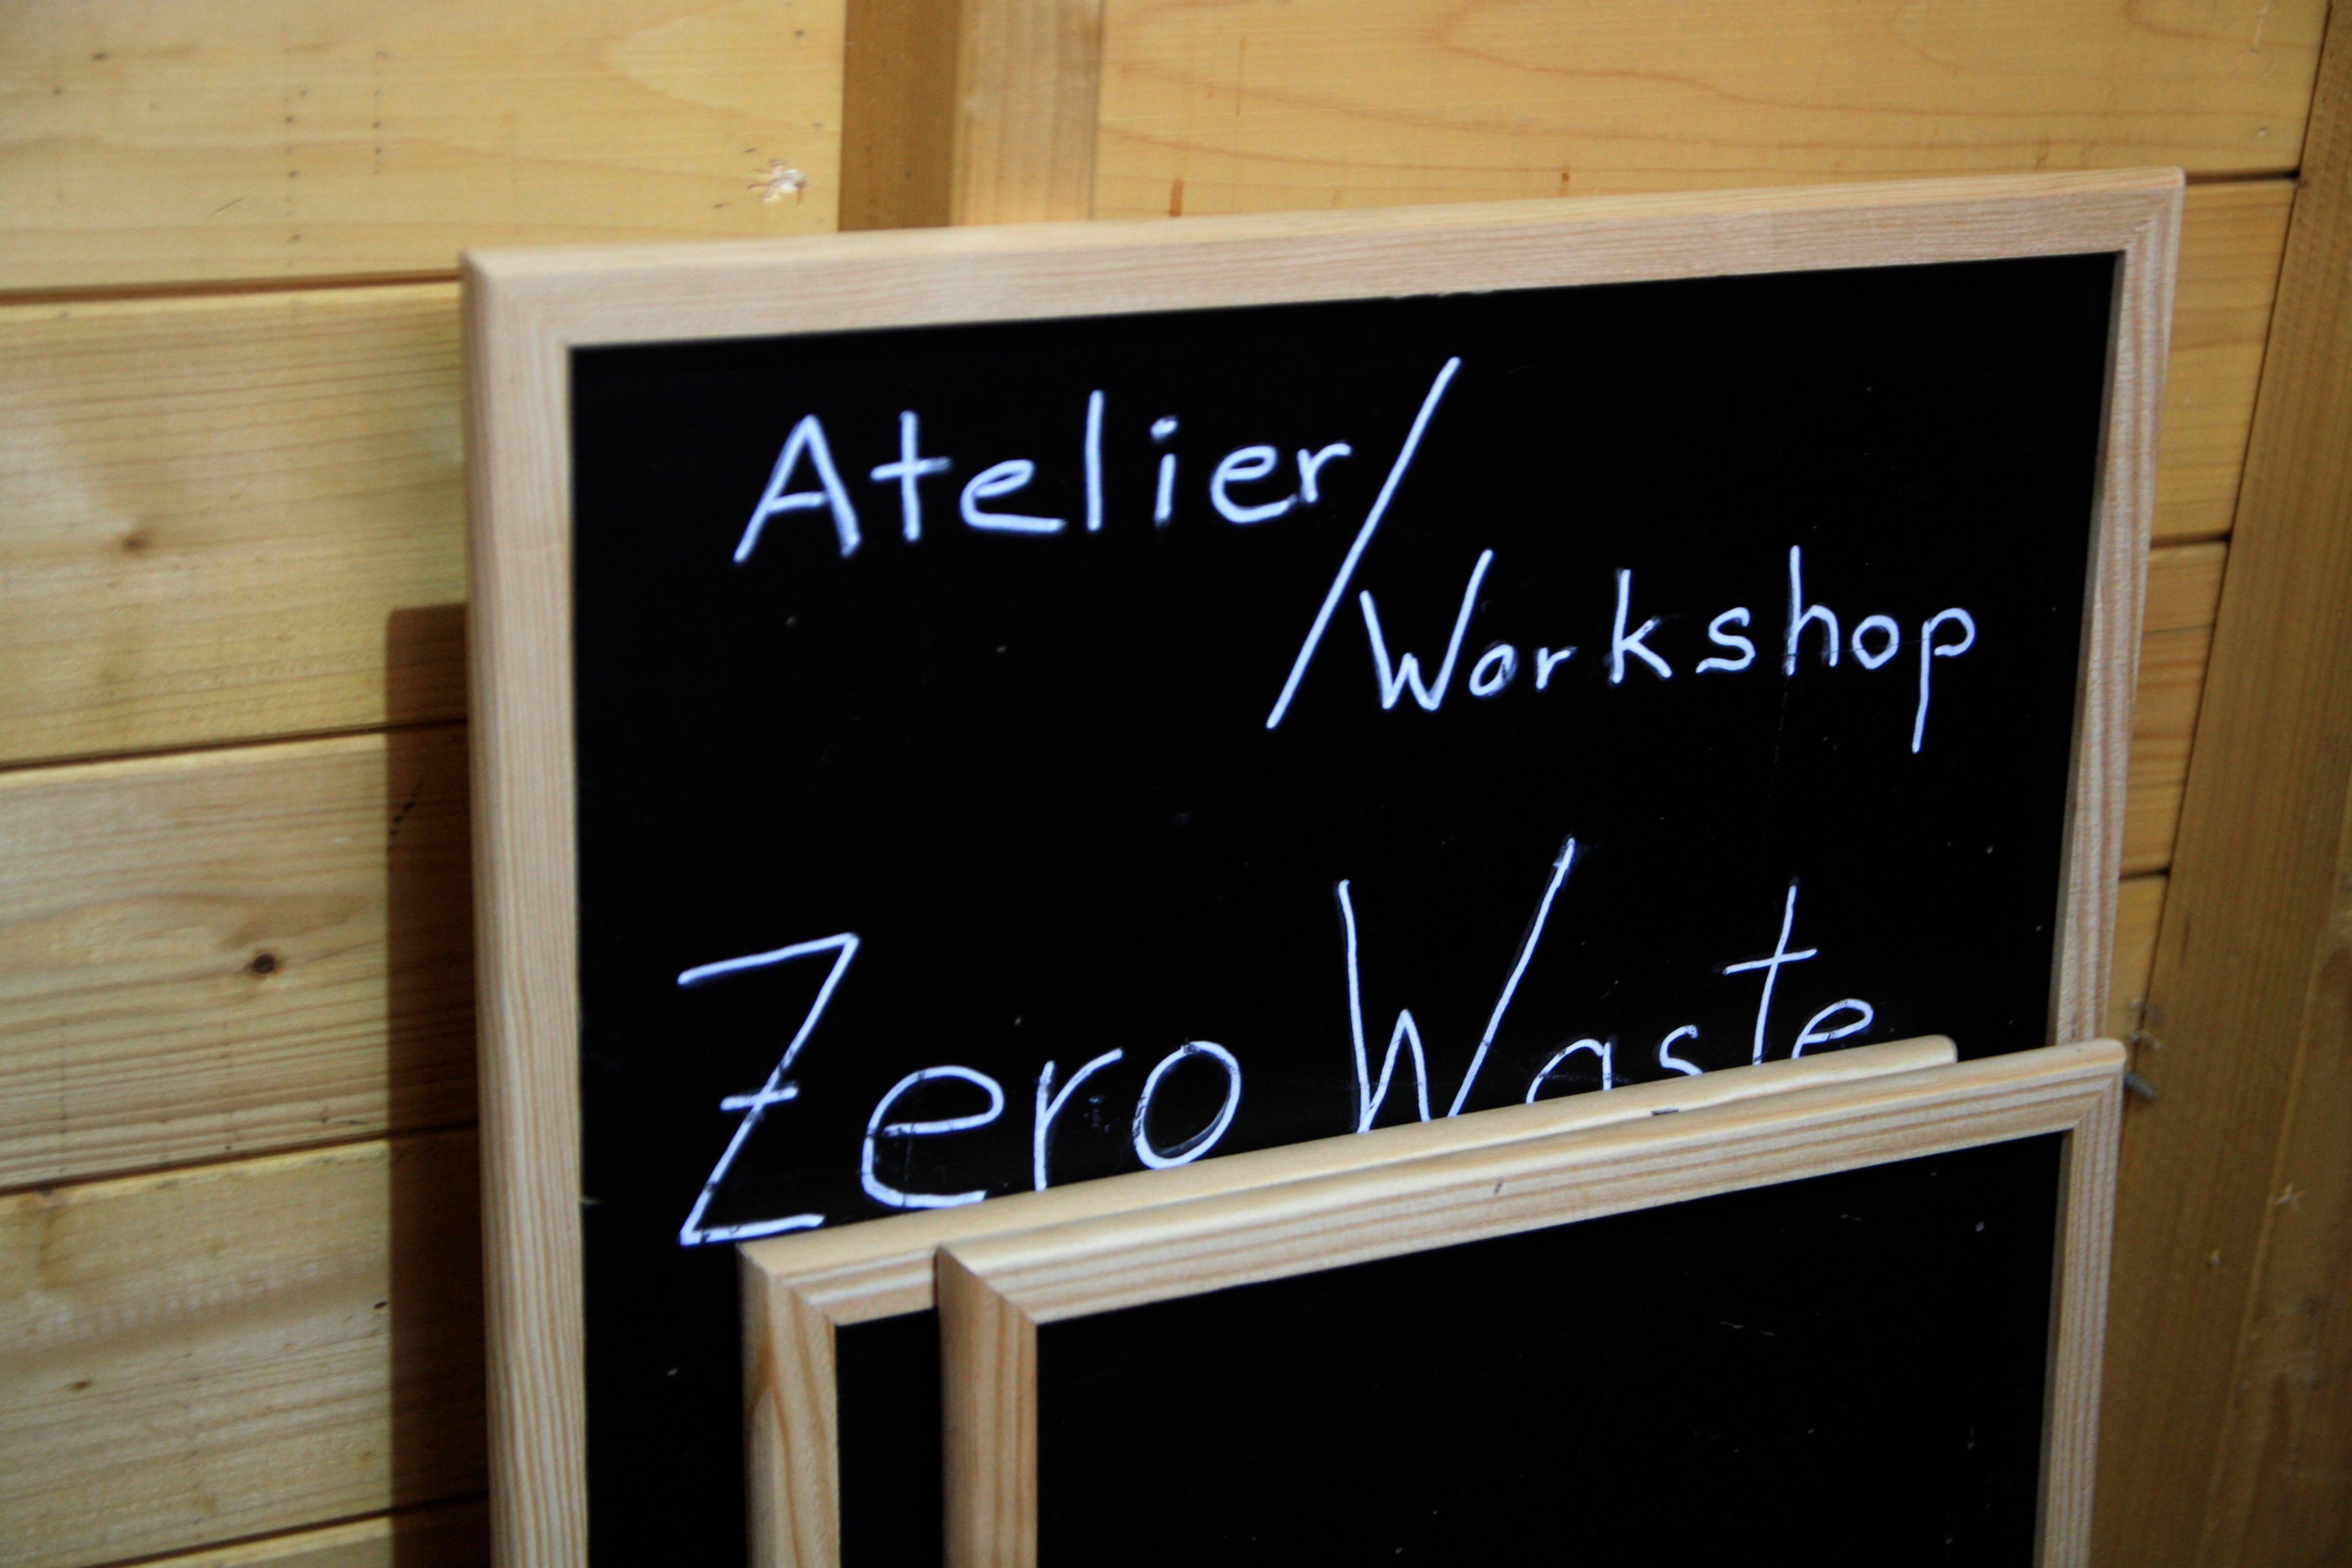 Zero Waste Workshops